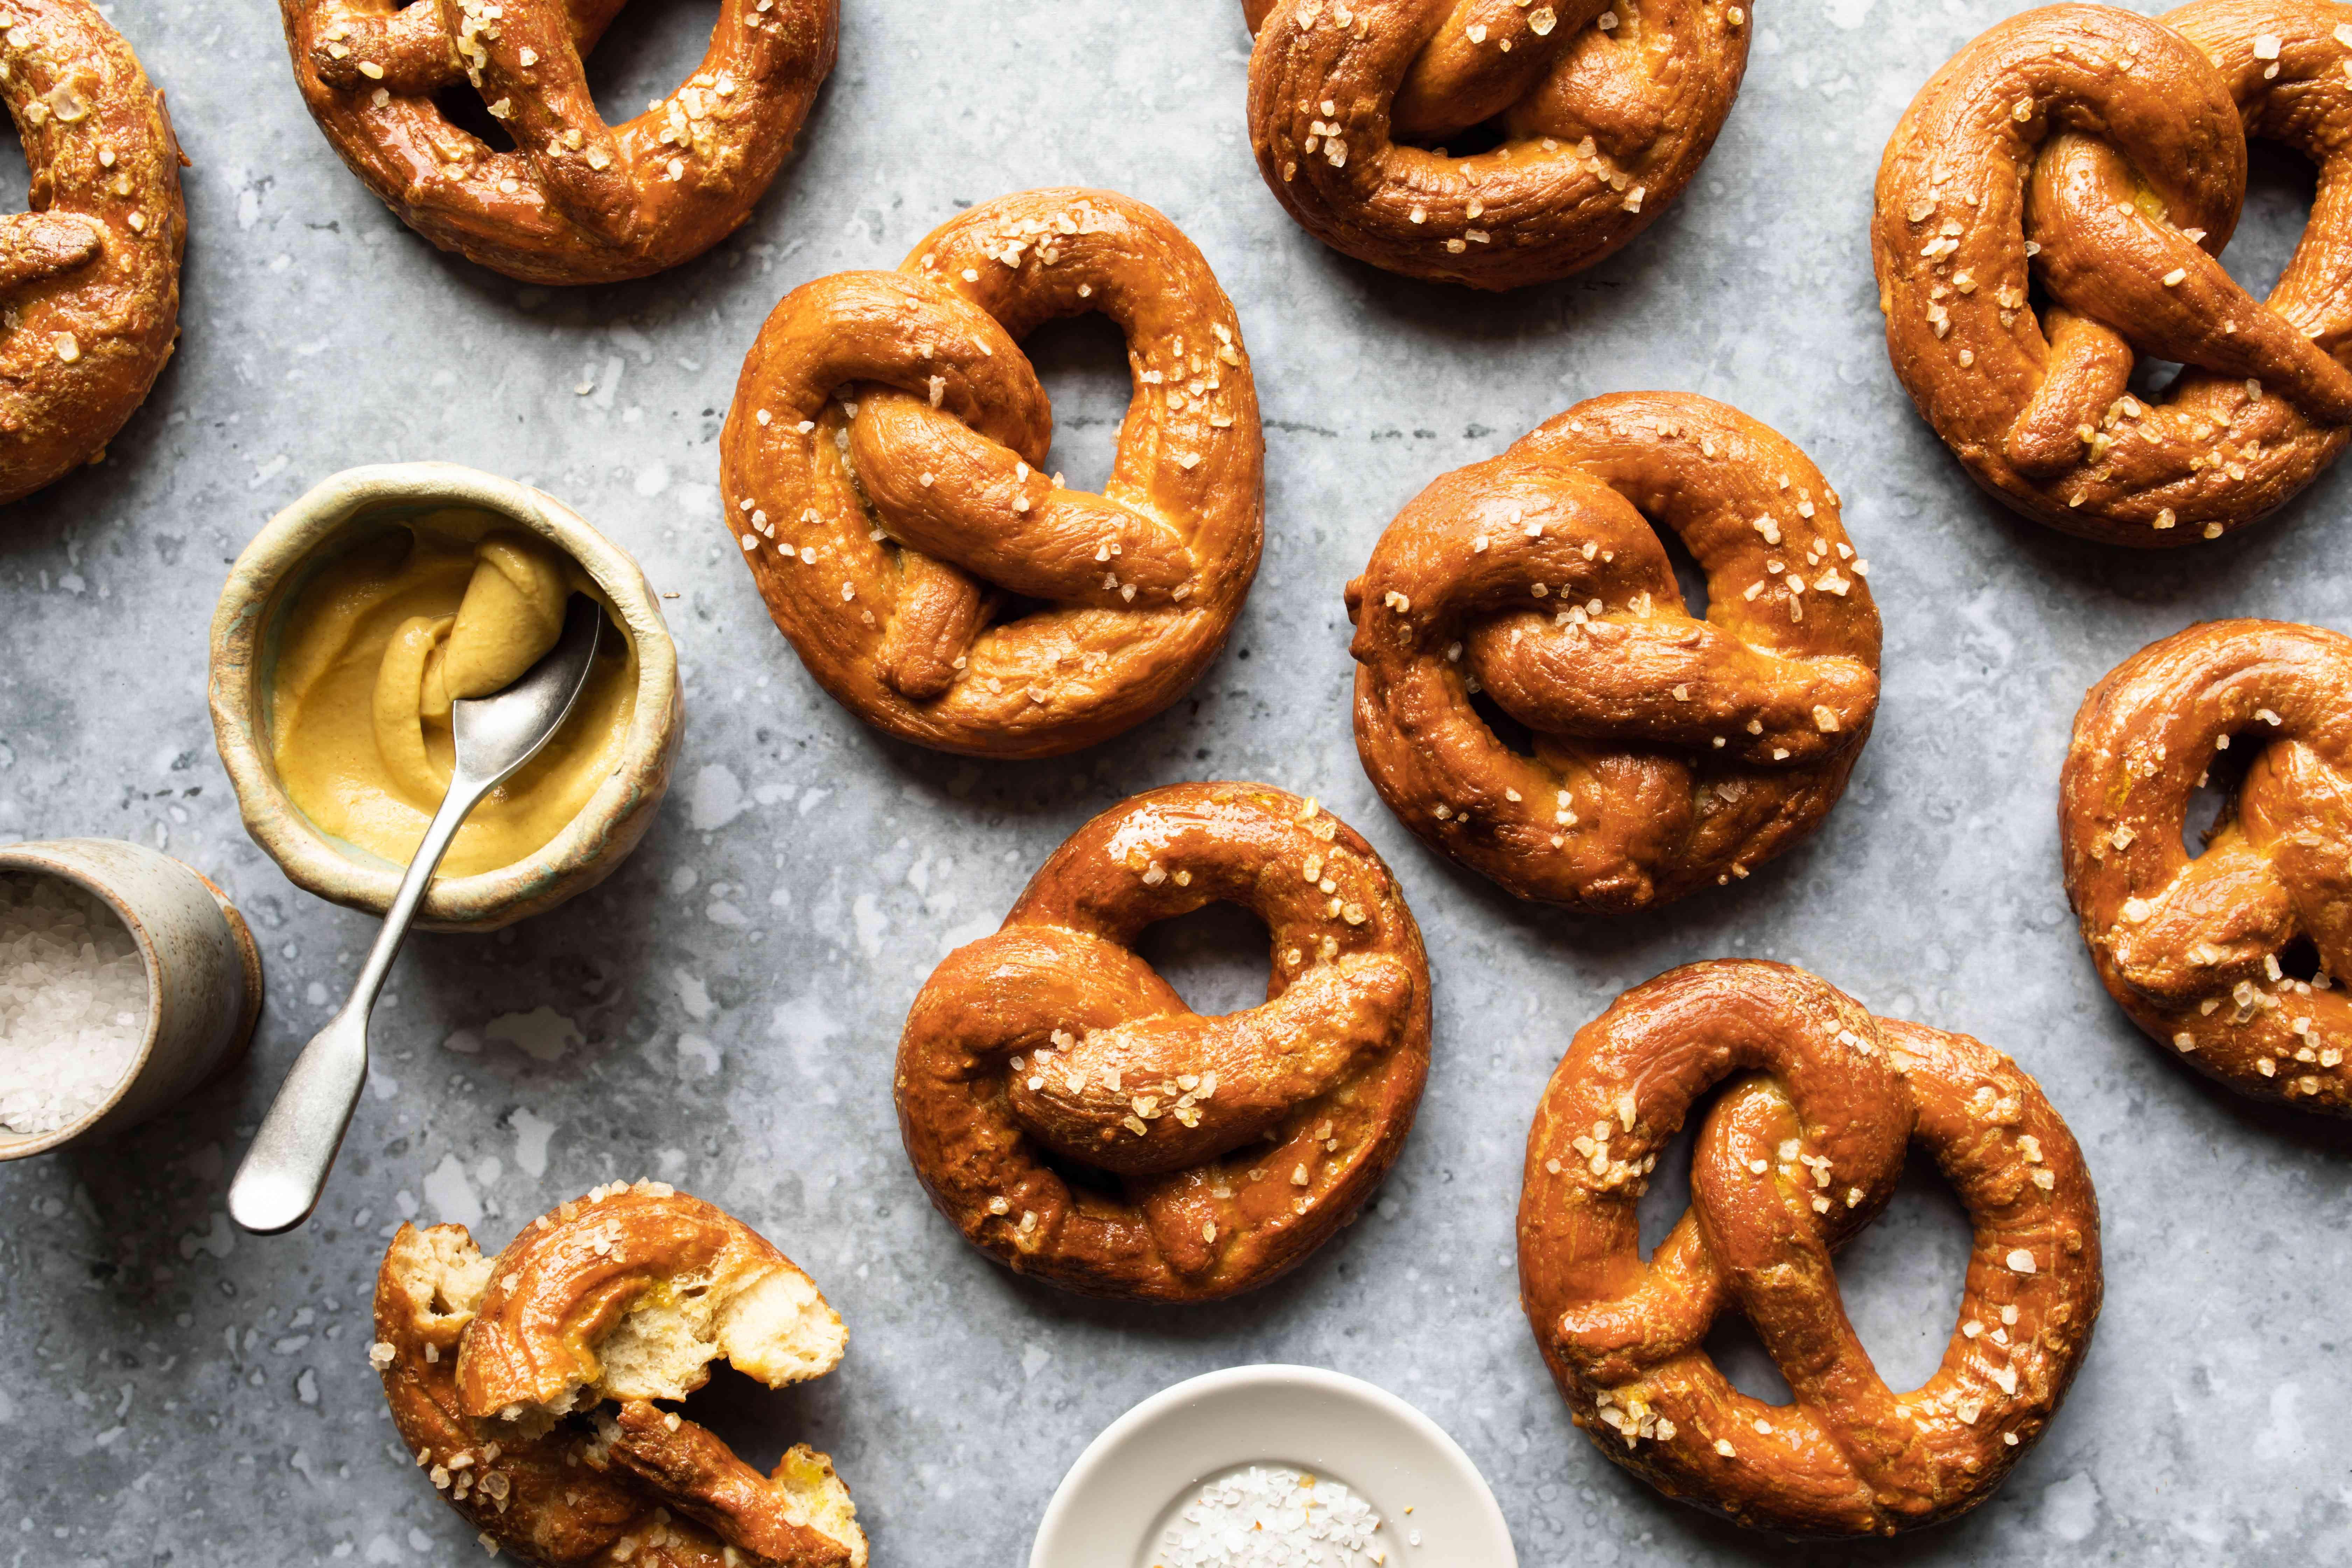 Brezel soft pretzel recipe